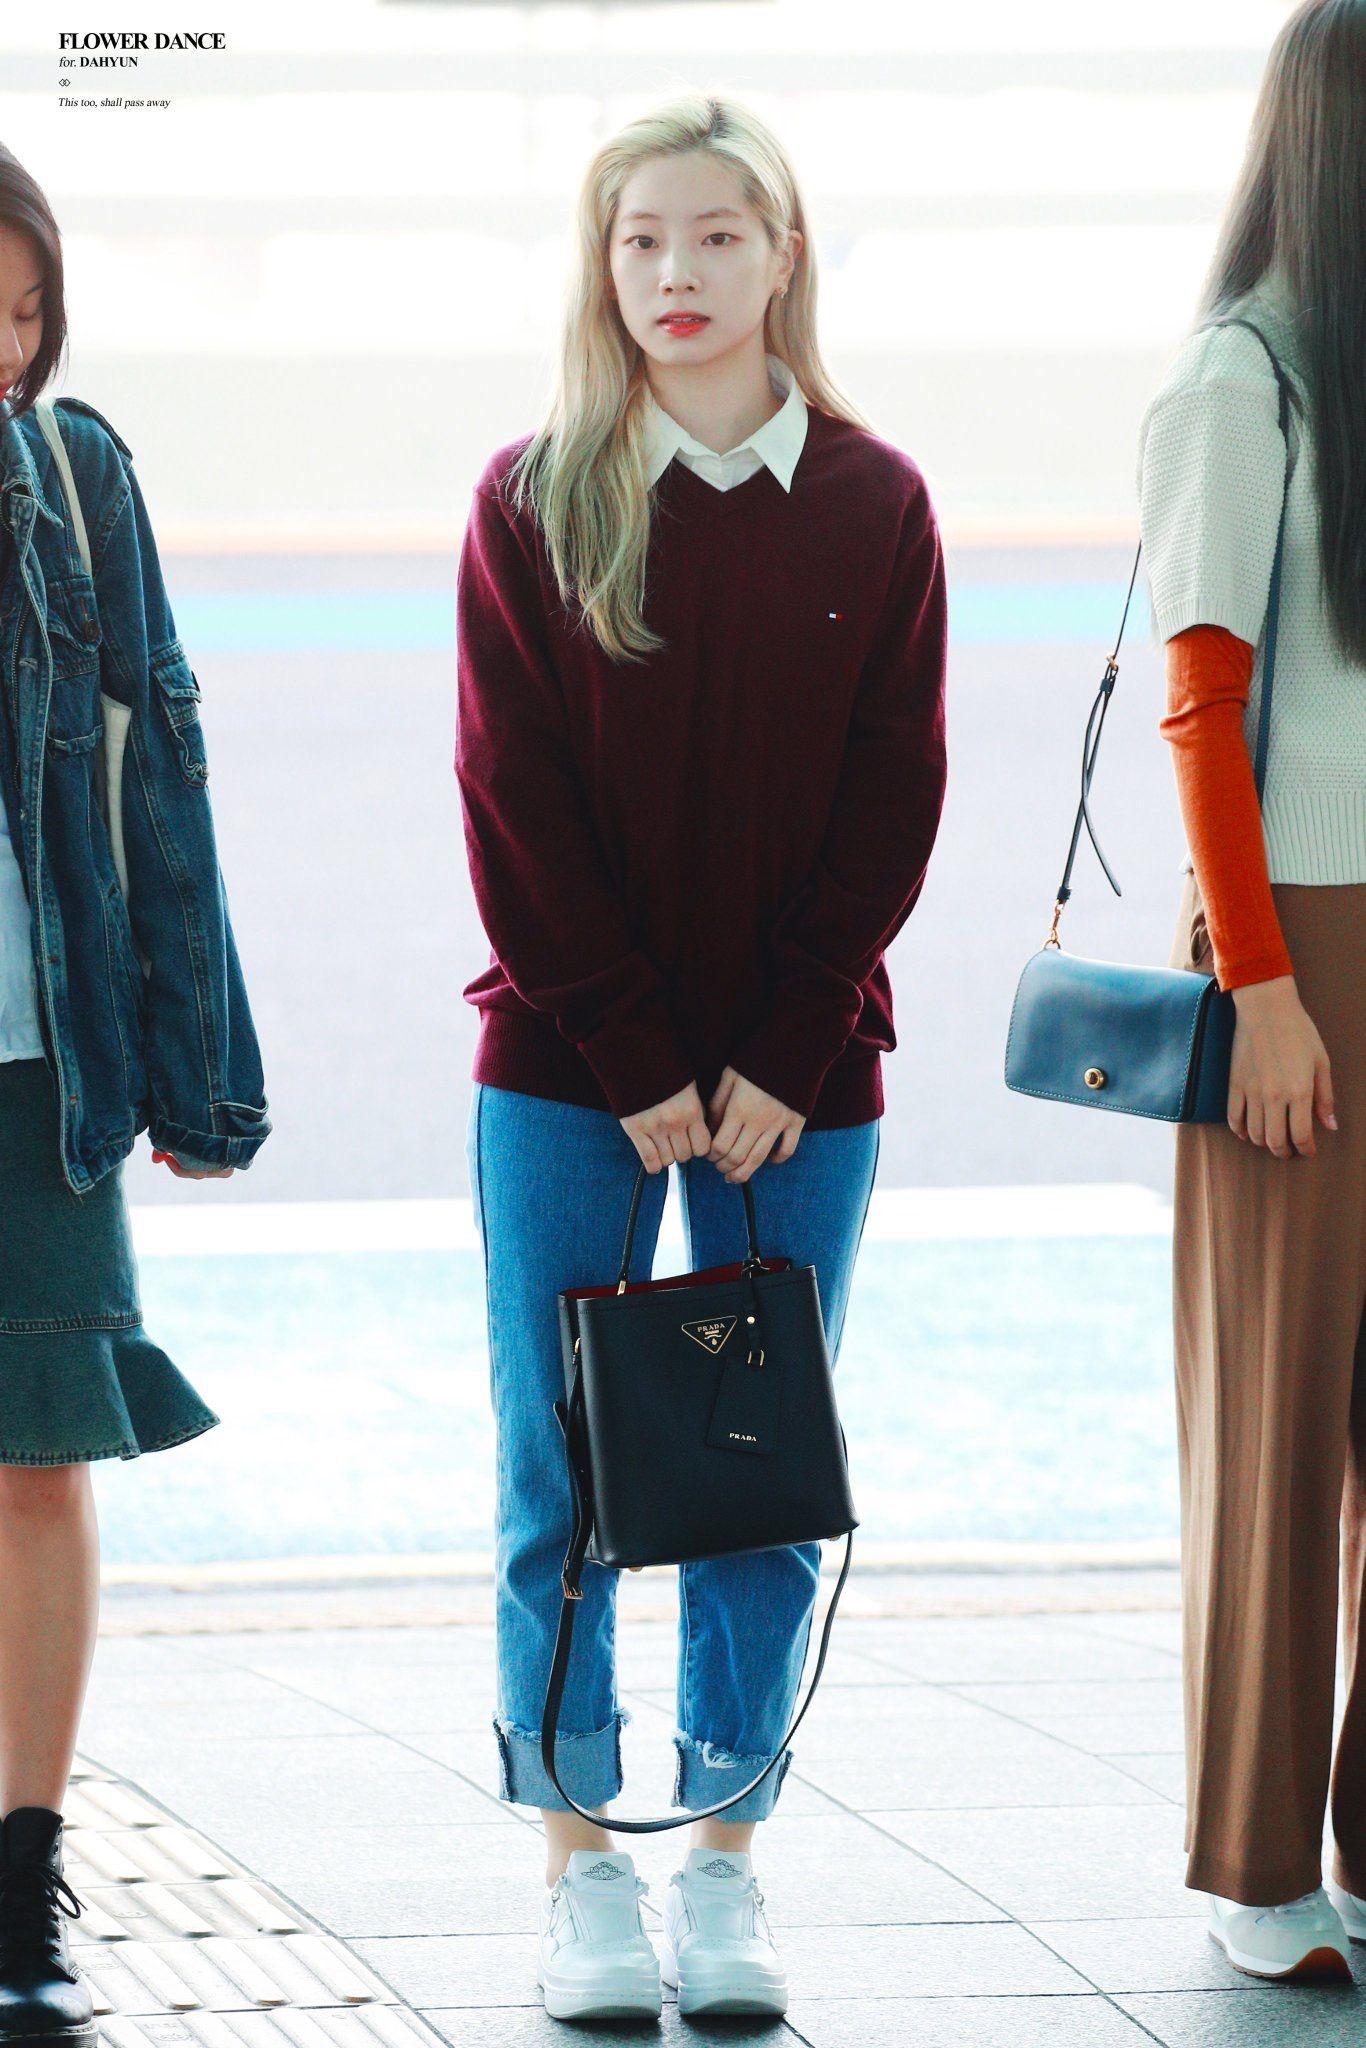 dahyung mặc quần baggy áo len đỏ phong cách preppy